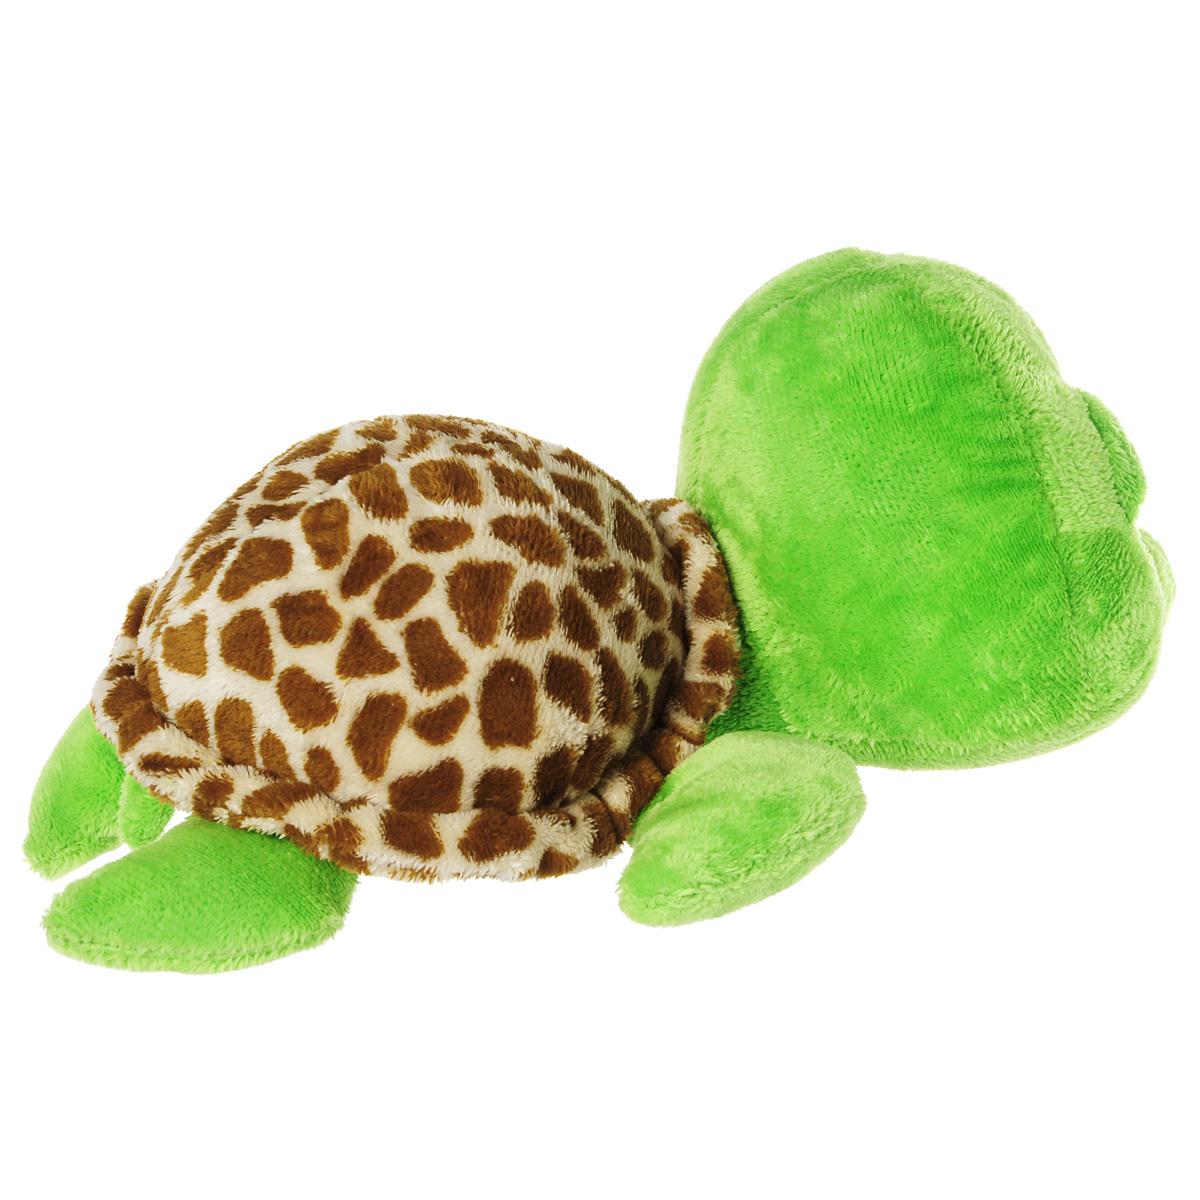 TY Мягкая игрушка Черепашка Zippy цвет салатовый коричневый 24 см